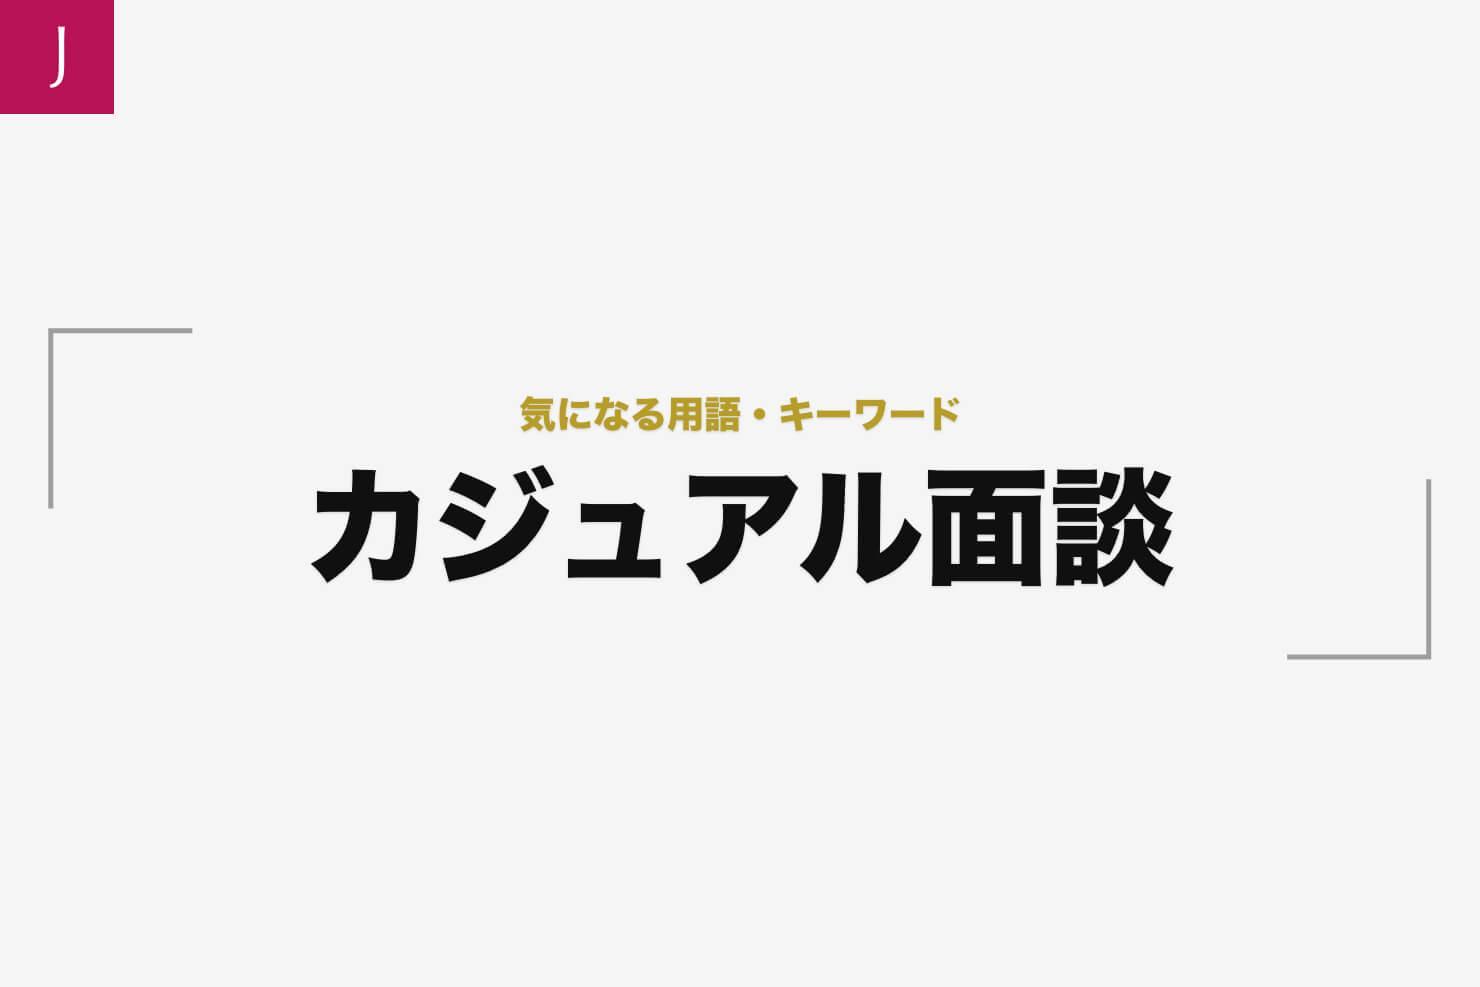 カジュアル面談(かじゅあるめんだん)とは|採用担当の用語集006